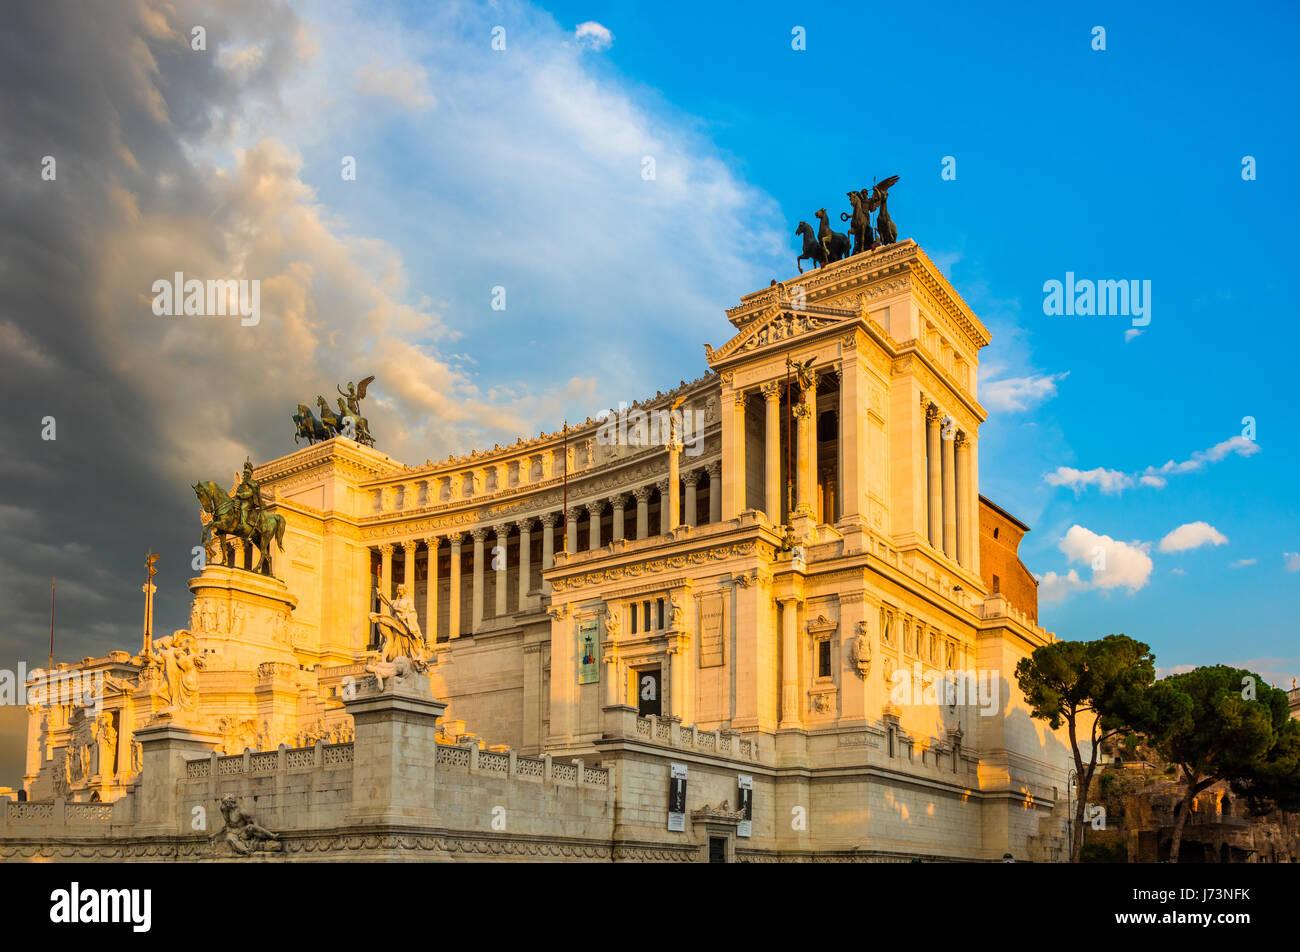 The Altare della Patria, also known as the Monumento Nazionale a Vittorio Emanuele II ('National Monument to - Stock Image